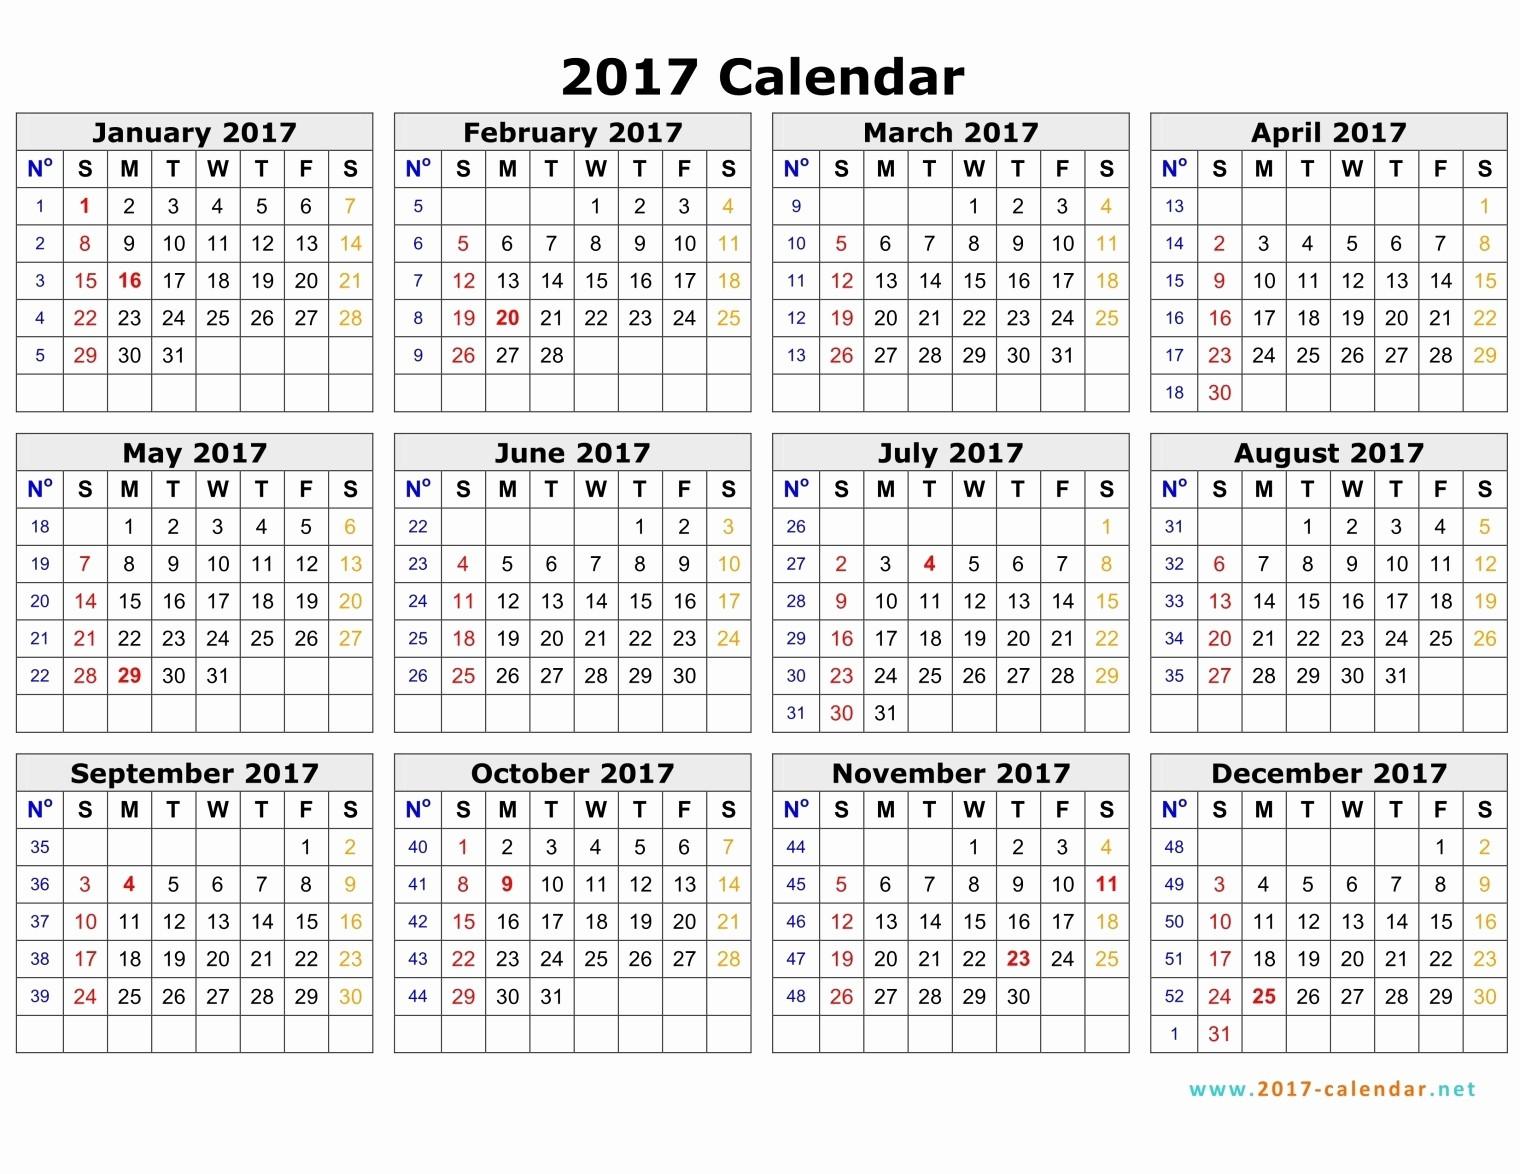 Calendar 2017 Monday to Sunday New Calendar Template December 2017 Monday Sunday